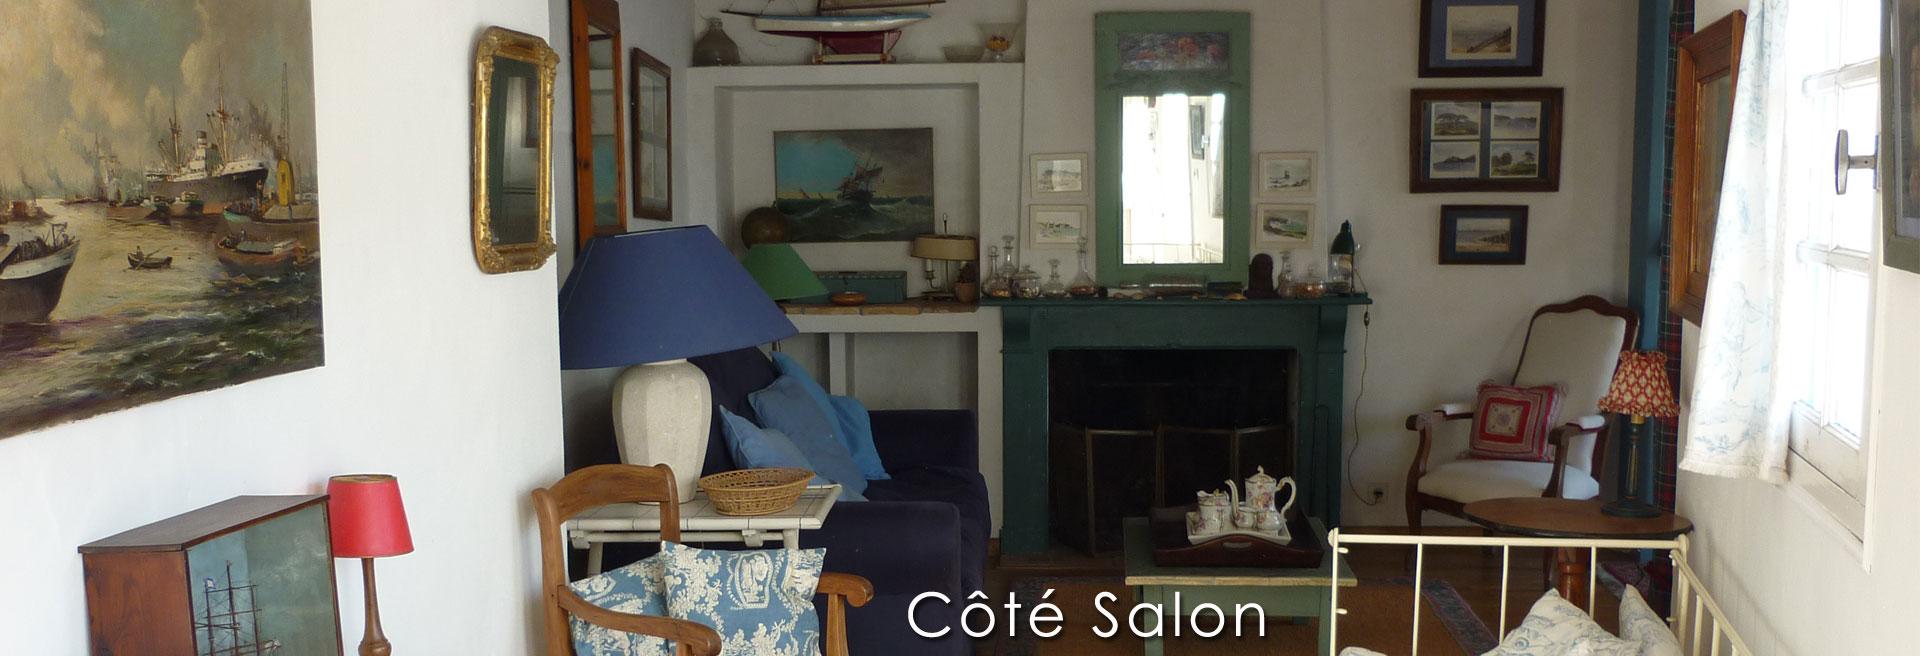 r ve de brocante brocante en ligne vente d 39 objets. Black Bedroom Furniture Sets. Home Design Ideas